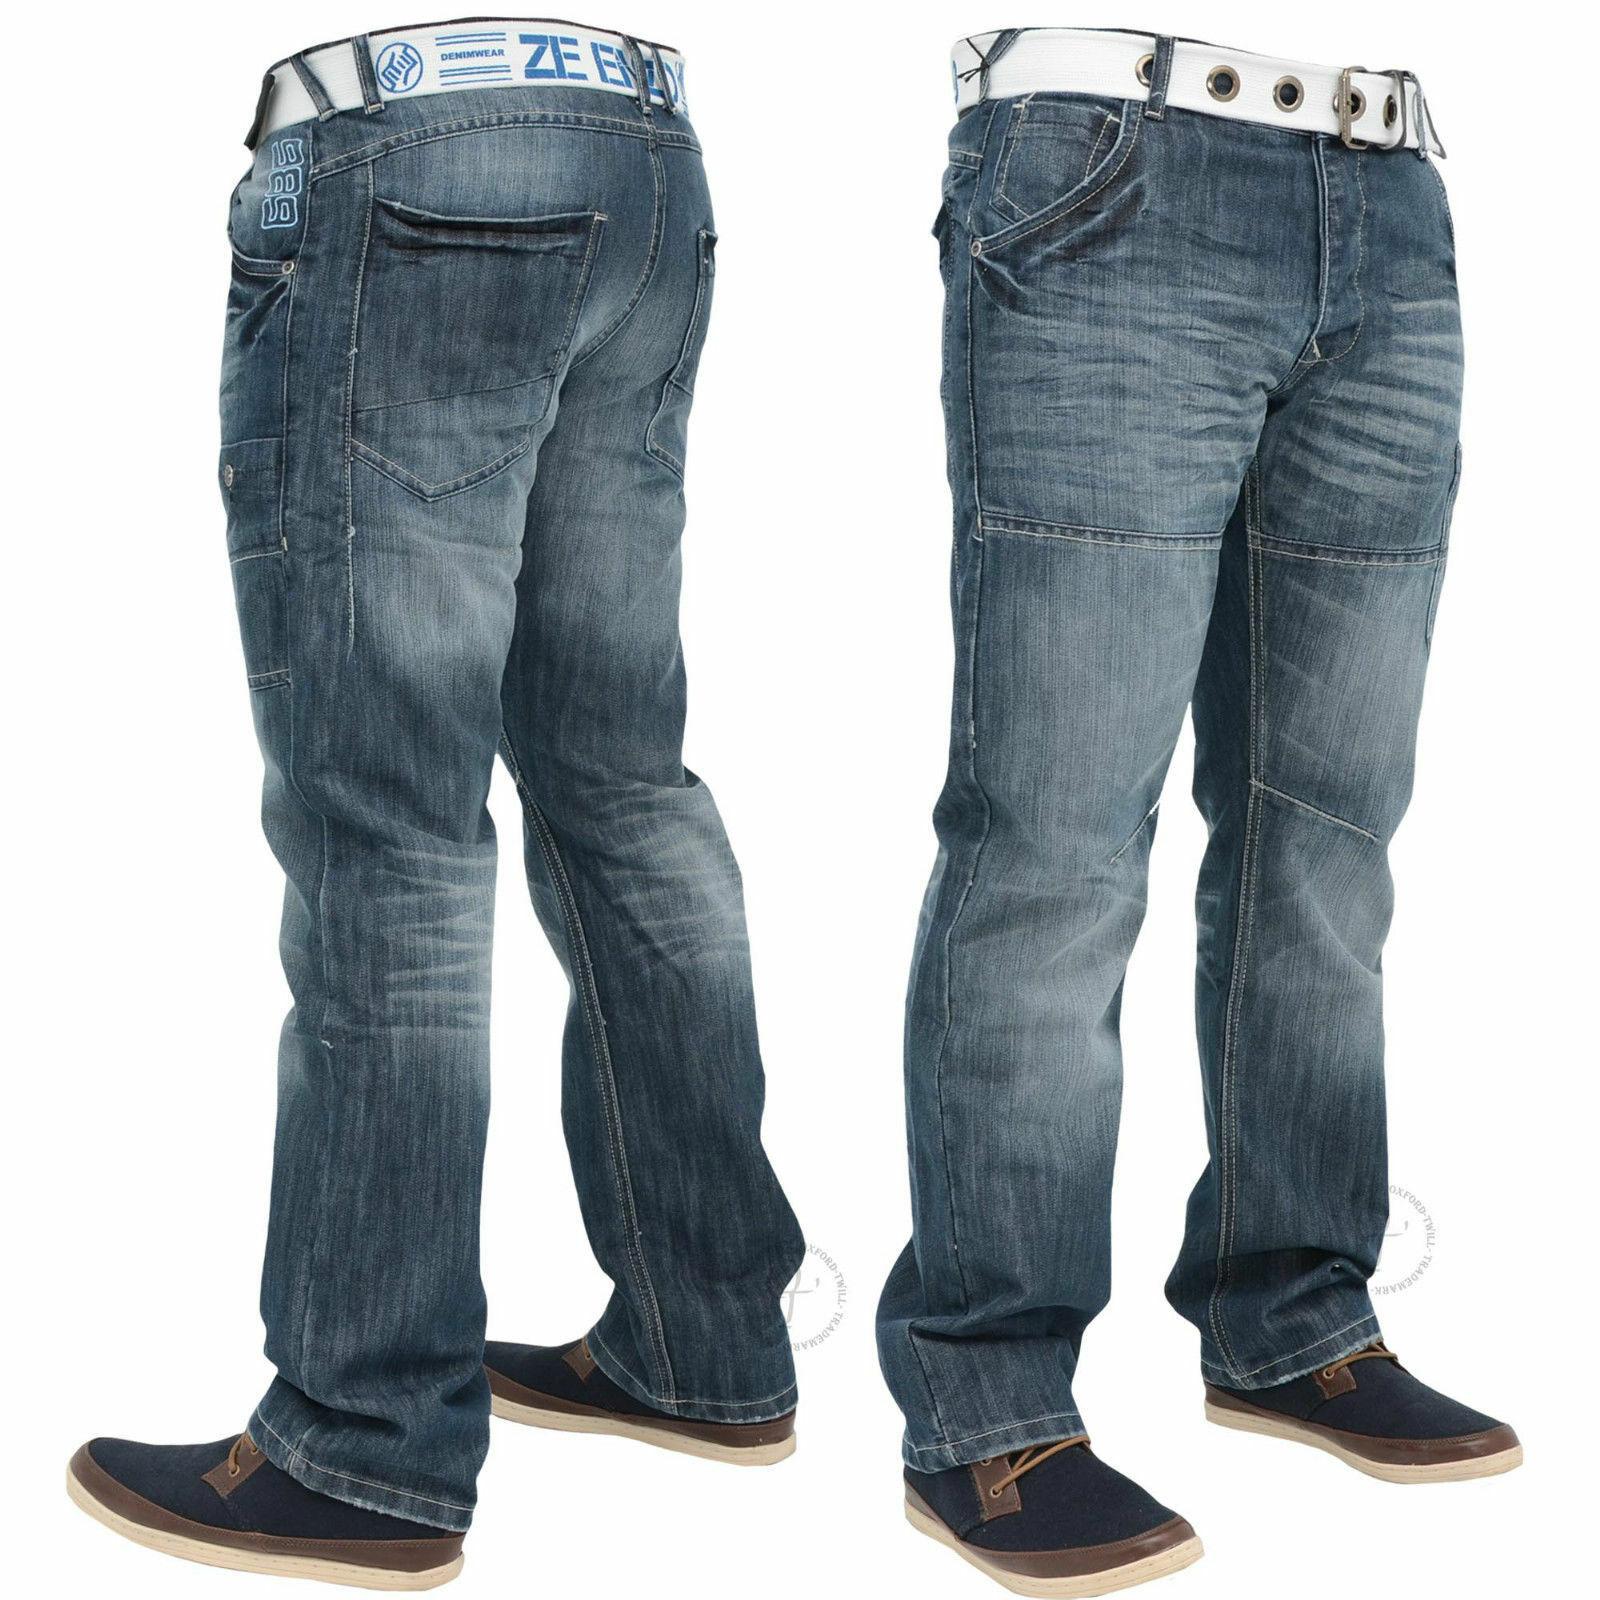 New Mens Enzo Designer Jeans Straight Leg Free Belt Included All Waist Sizes